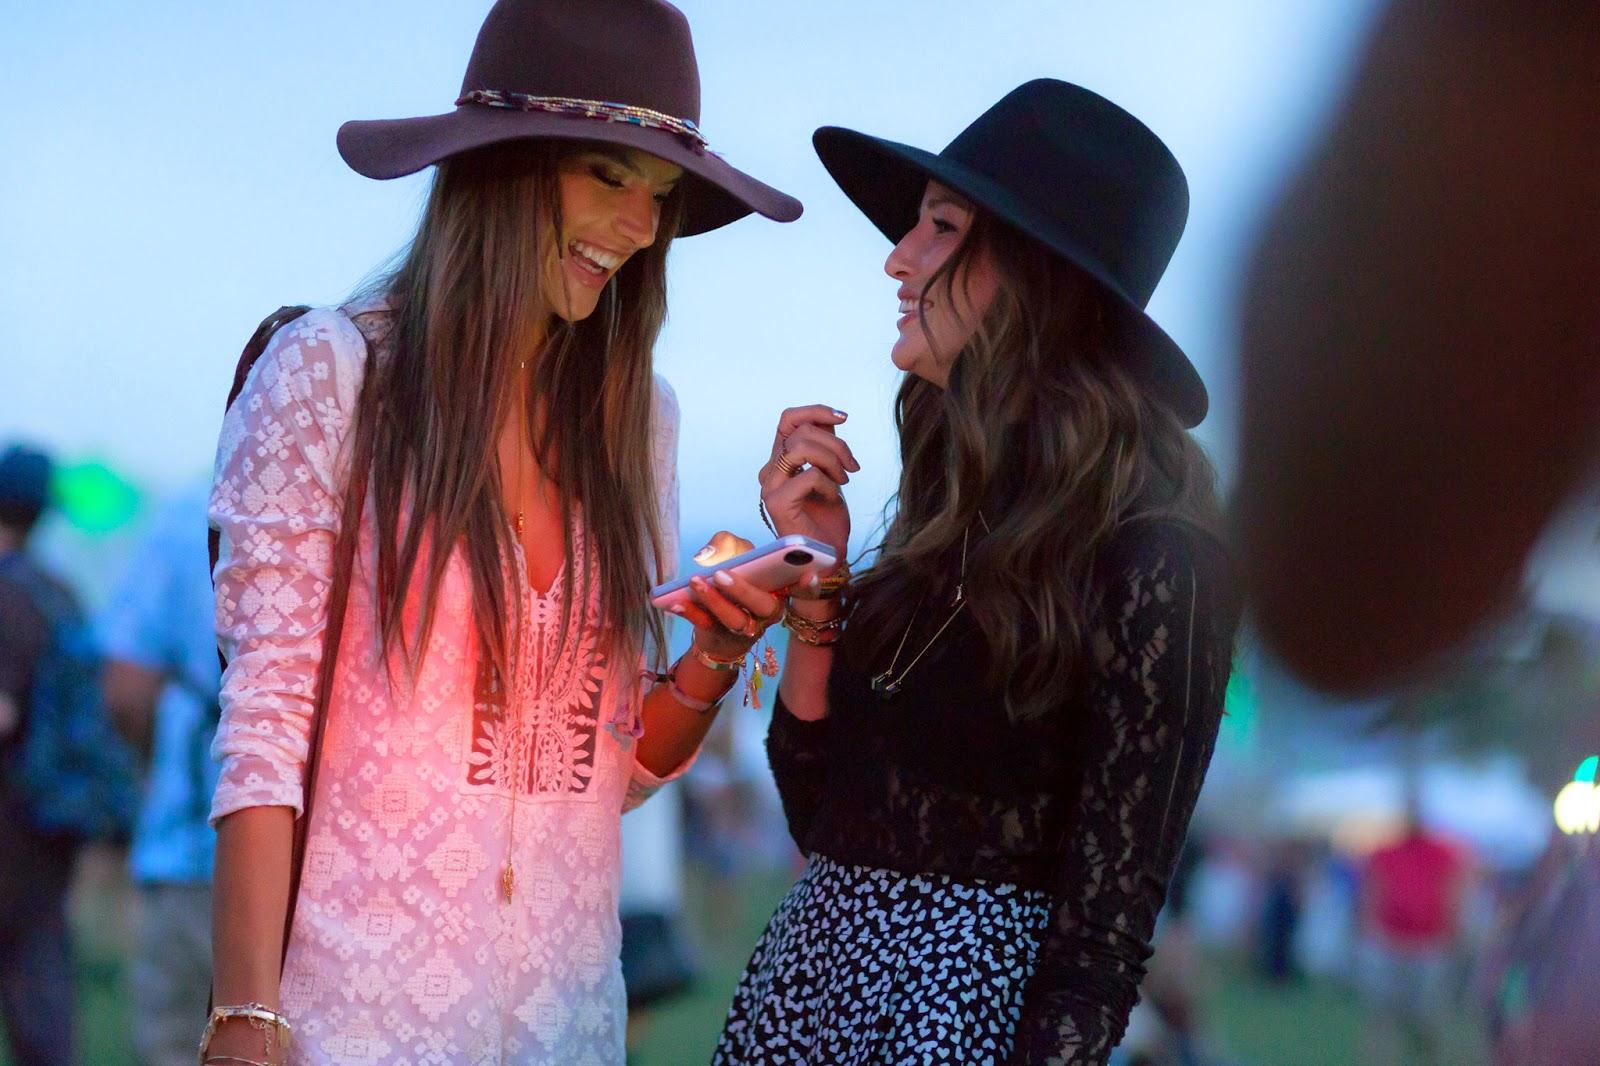 Eniwhere Fashion - Coachella Style - Alessandra Ambrosio